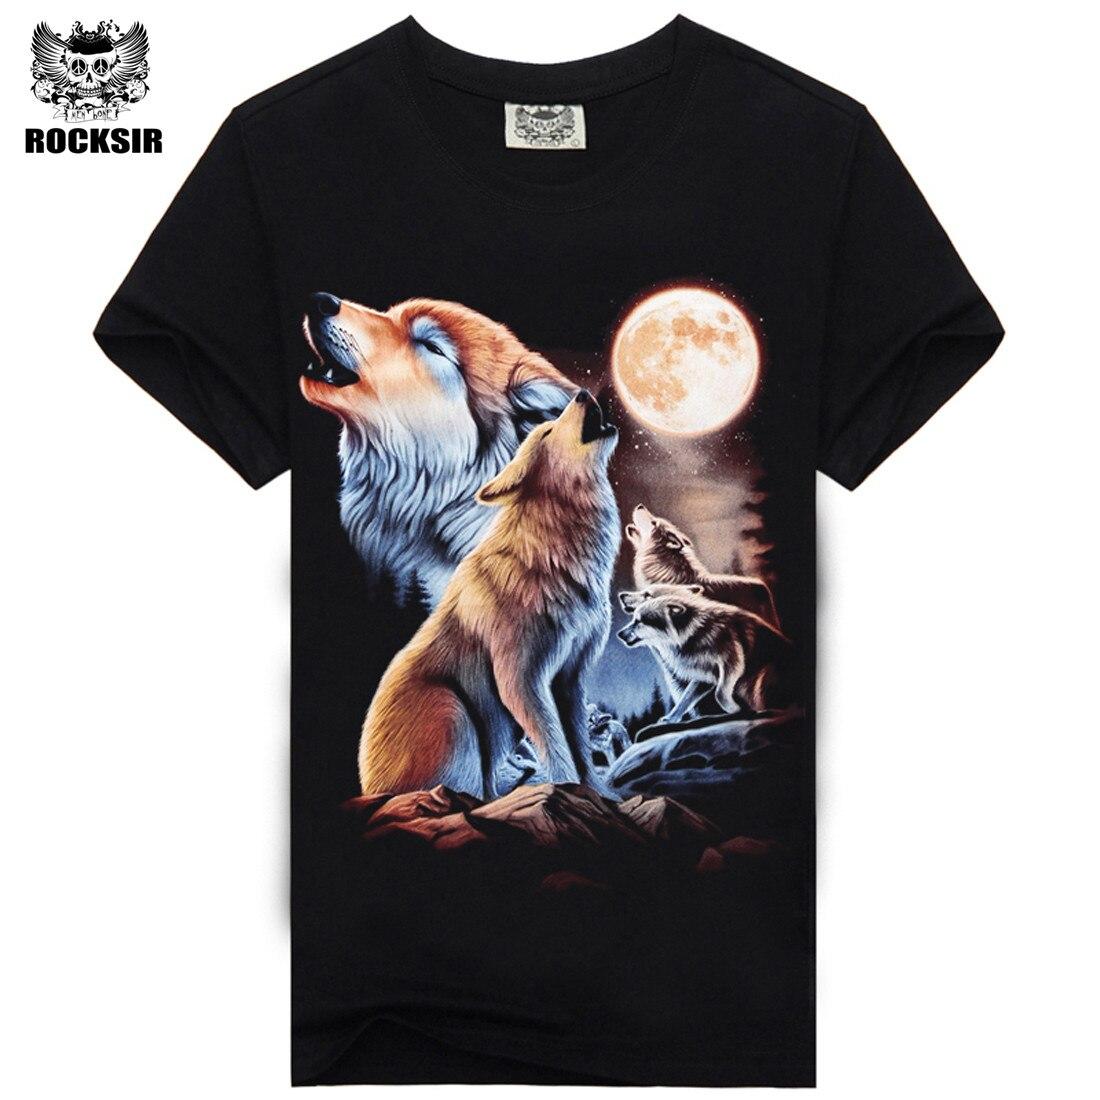 HTB1LNfhSpXXXXaaXpXXq6xXFXXXz - Rocksir 3d wolf t shirt Indians wolf t shirts boyfriend gift ideas